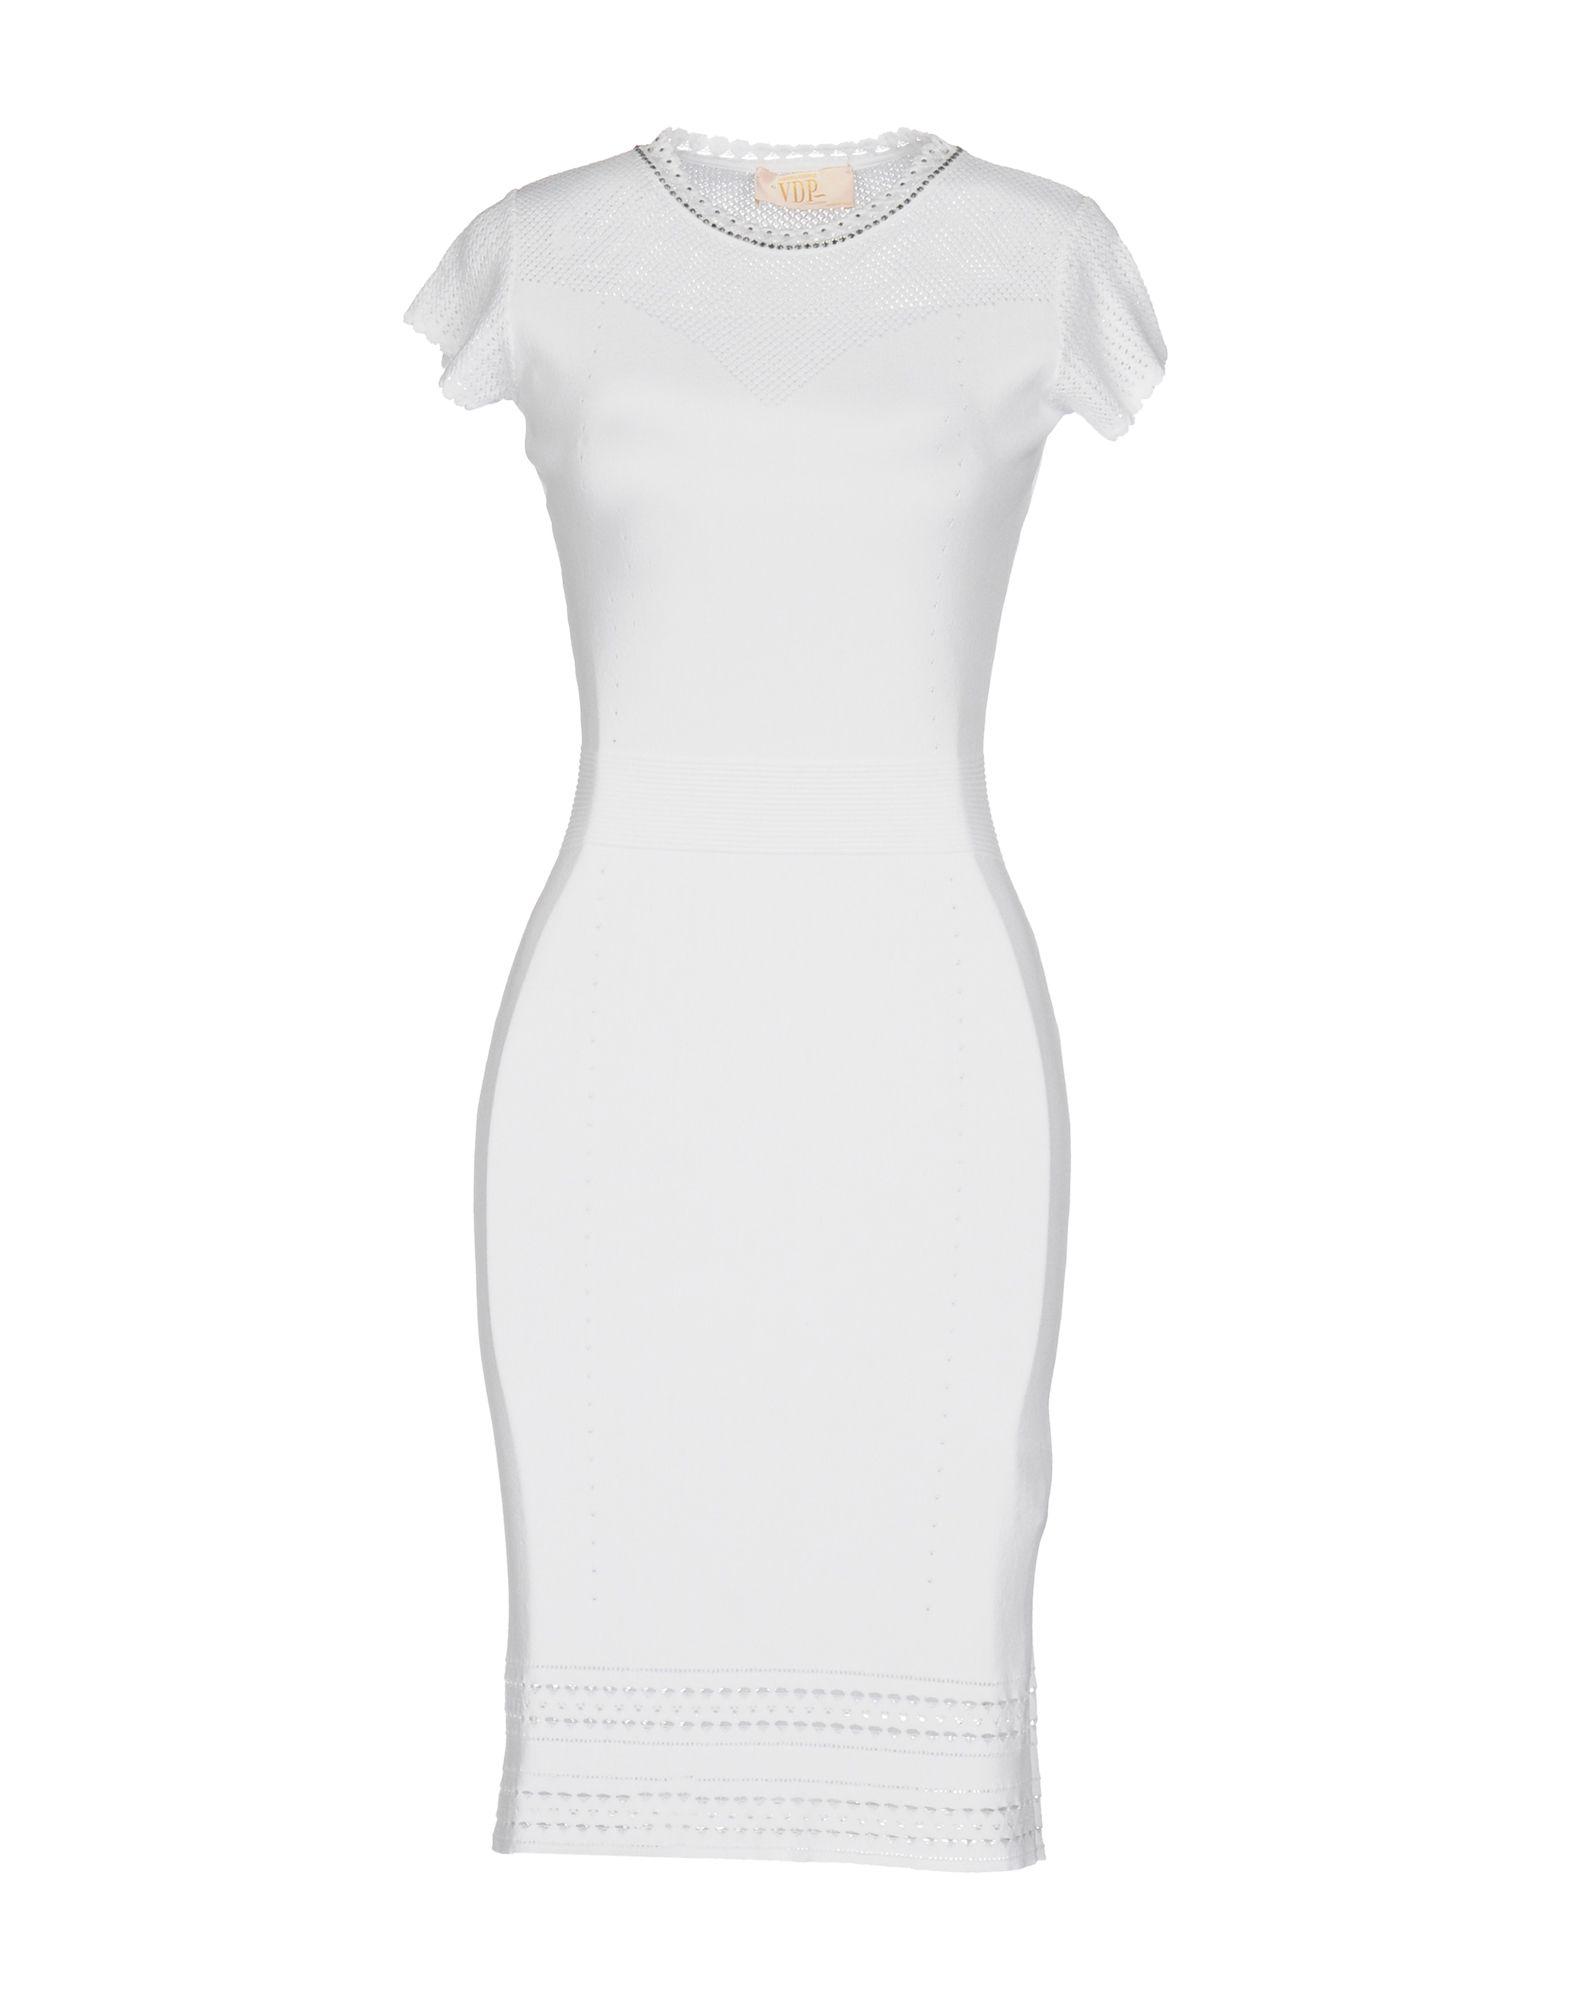 VDP COLLECTION Damen Kurzes Kleid Farbe Weiß Größe 4 - broschei